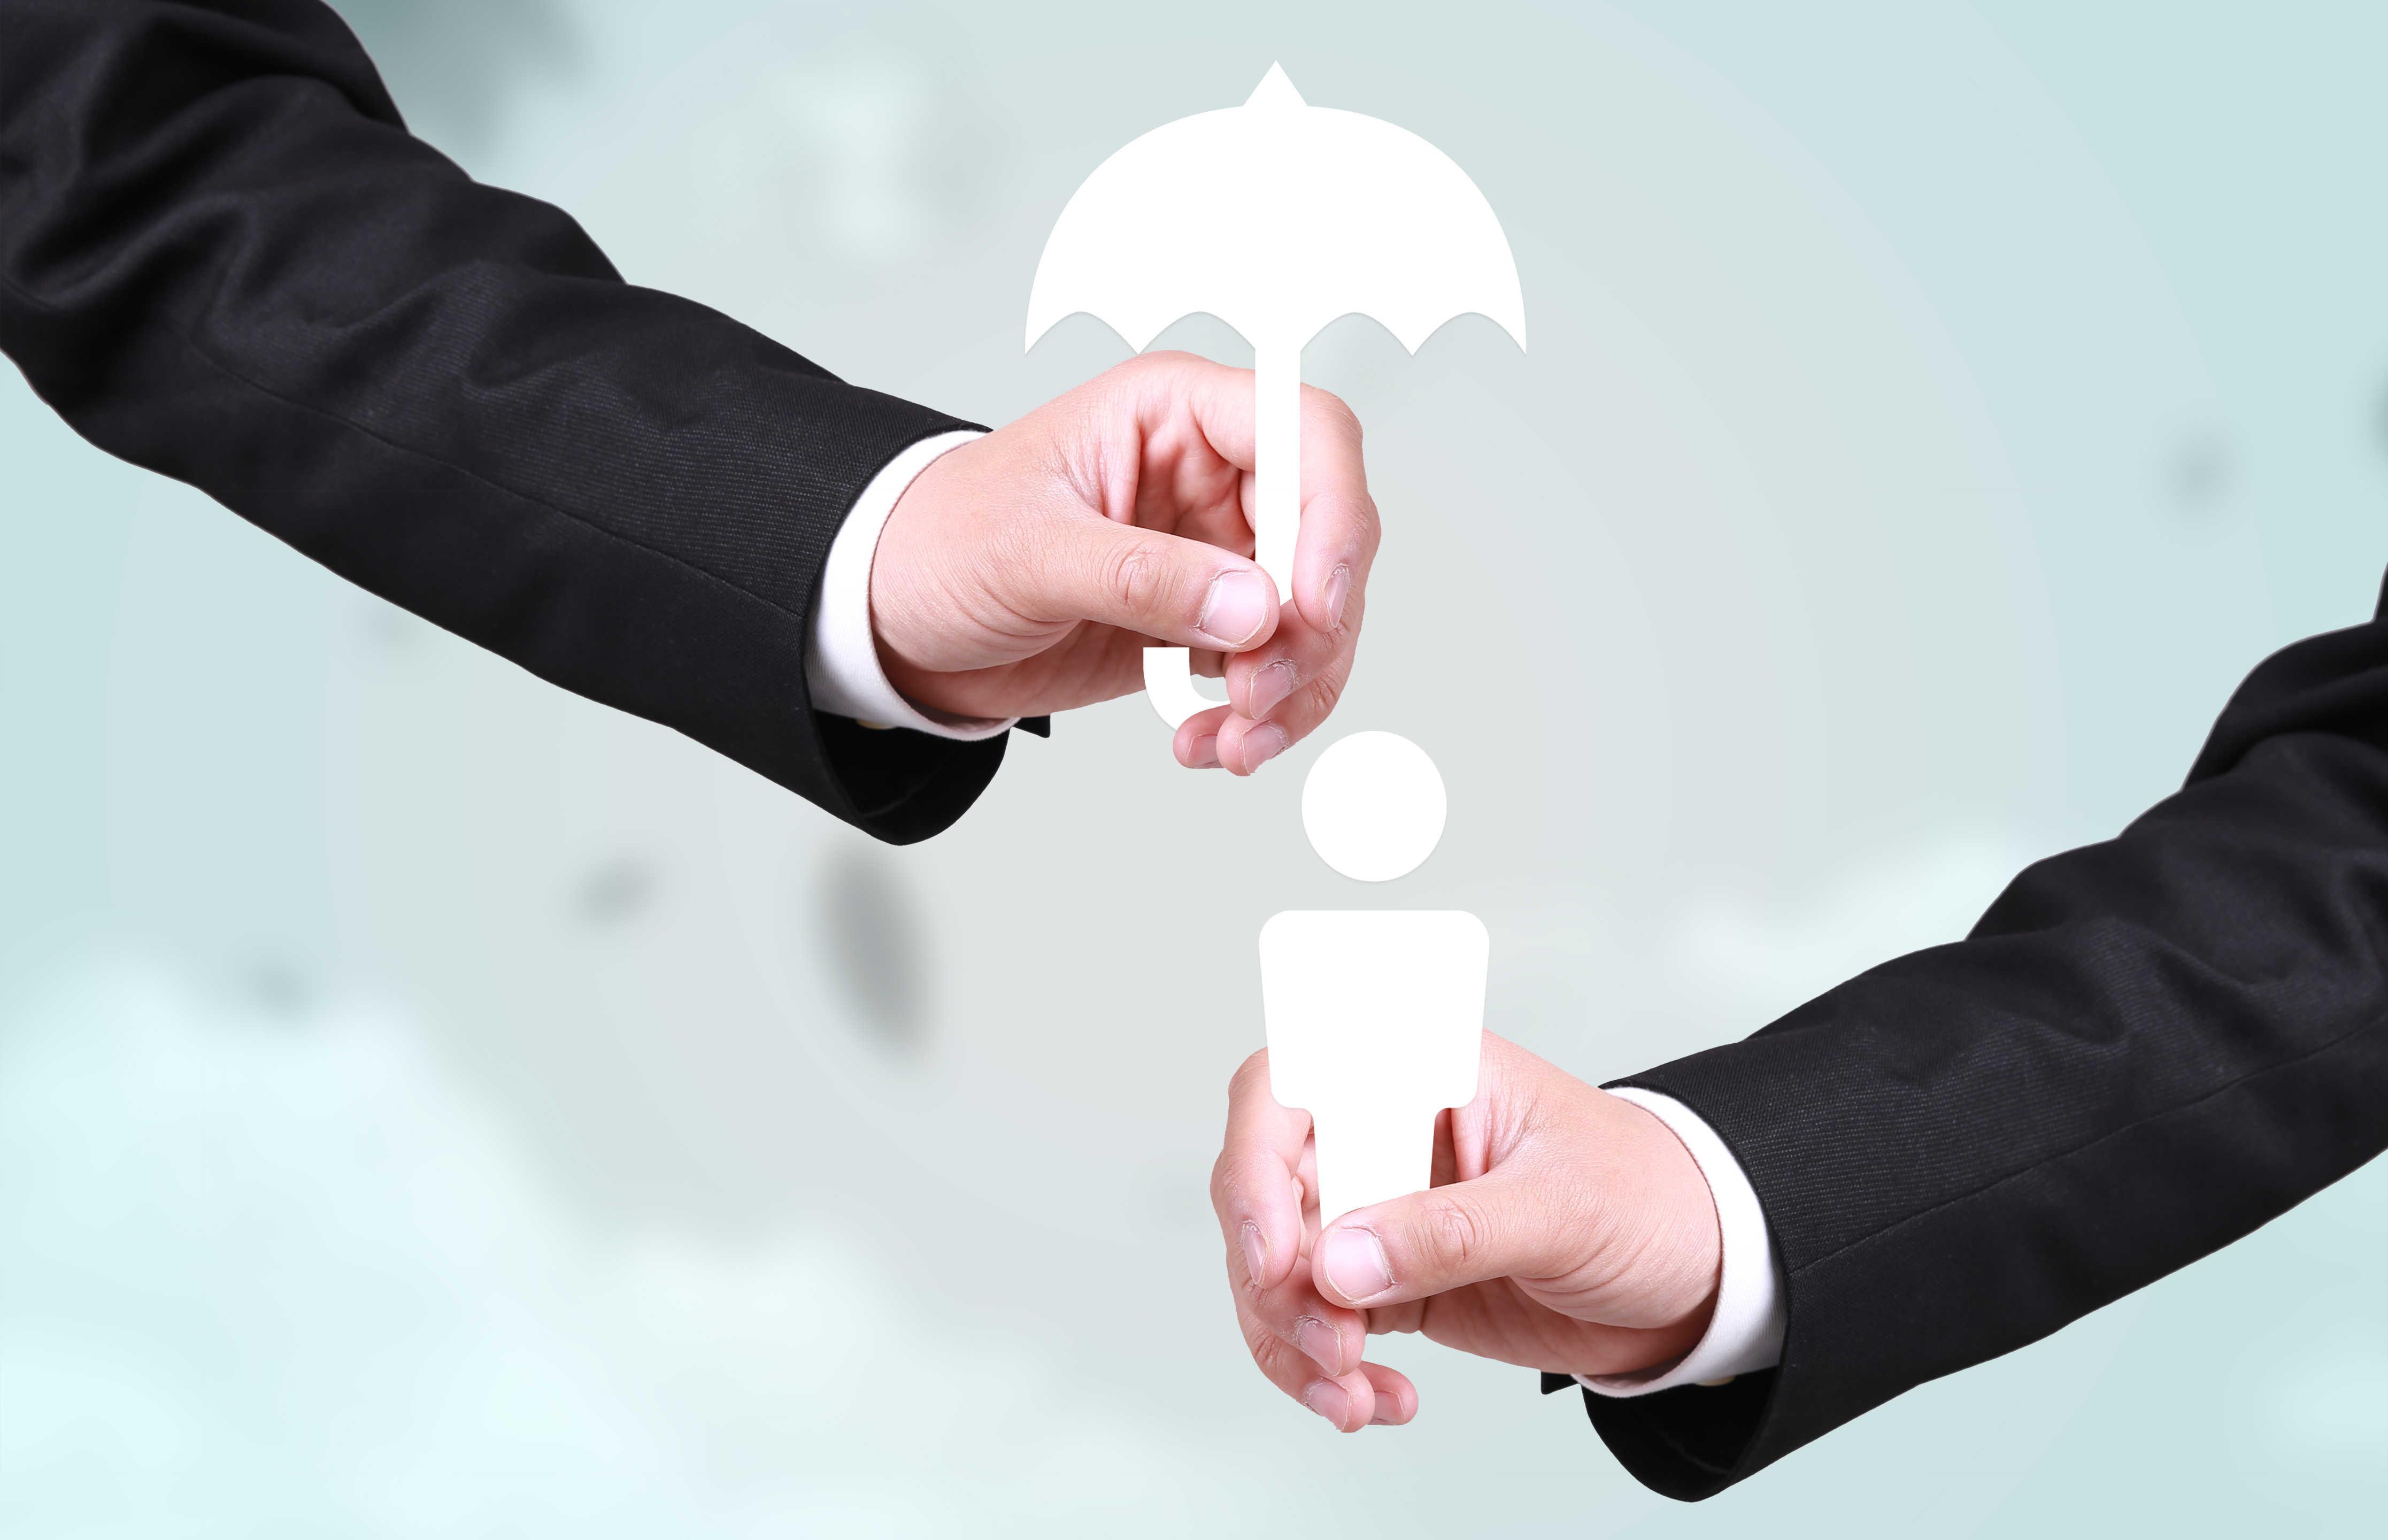 企业社保代缴哪个公司靠谱,代办社保,员工社保